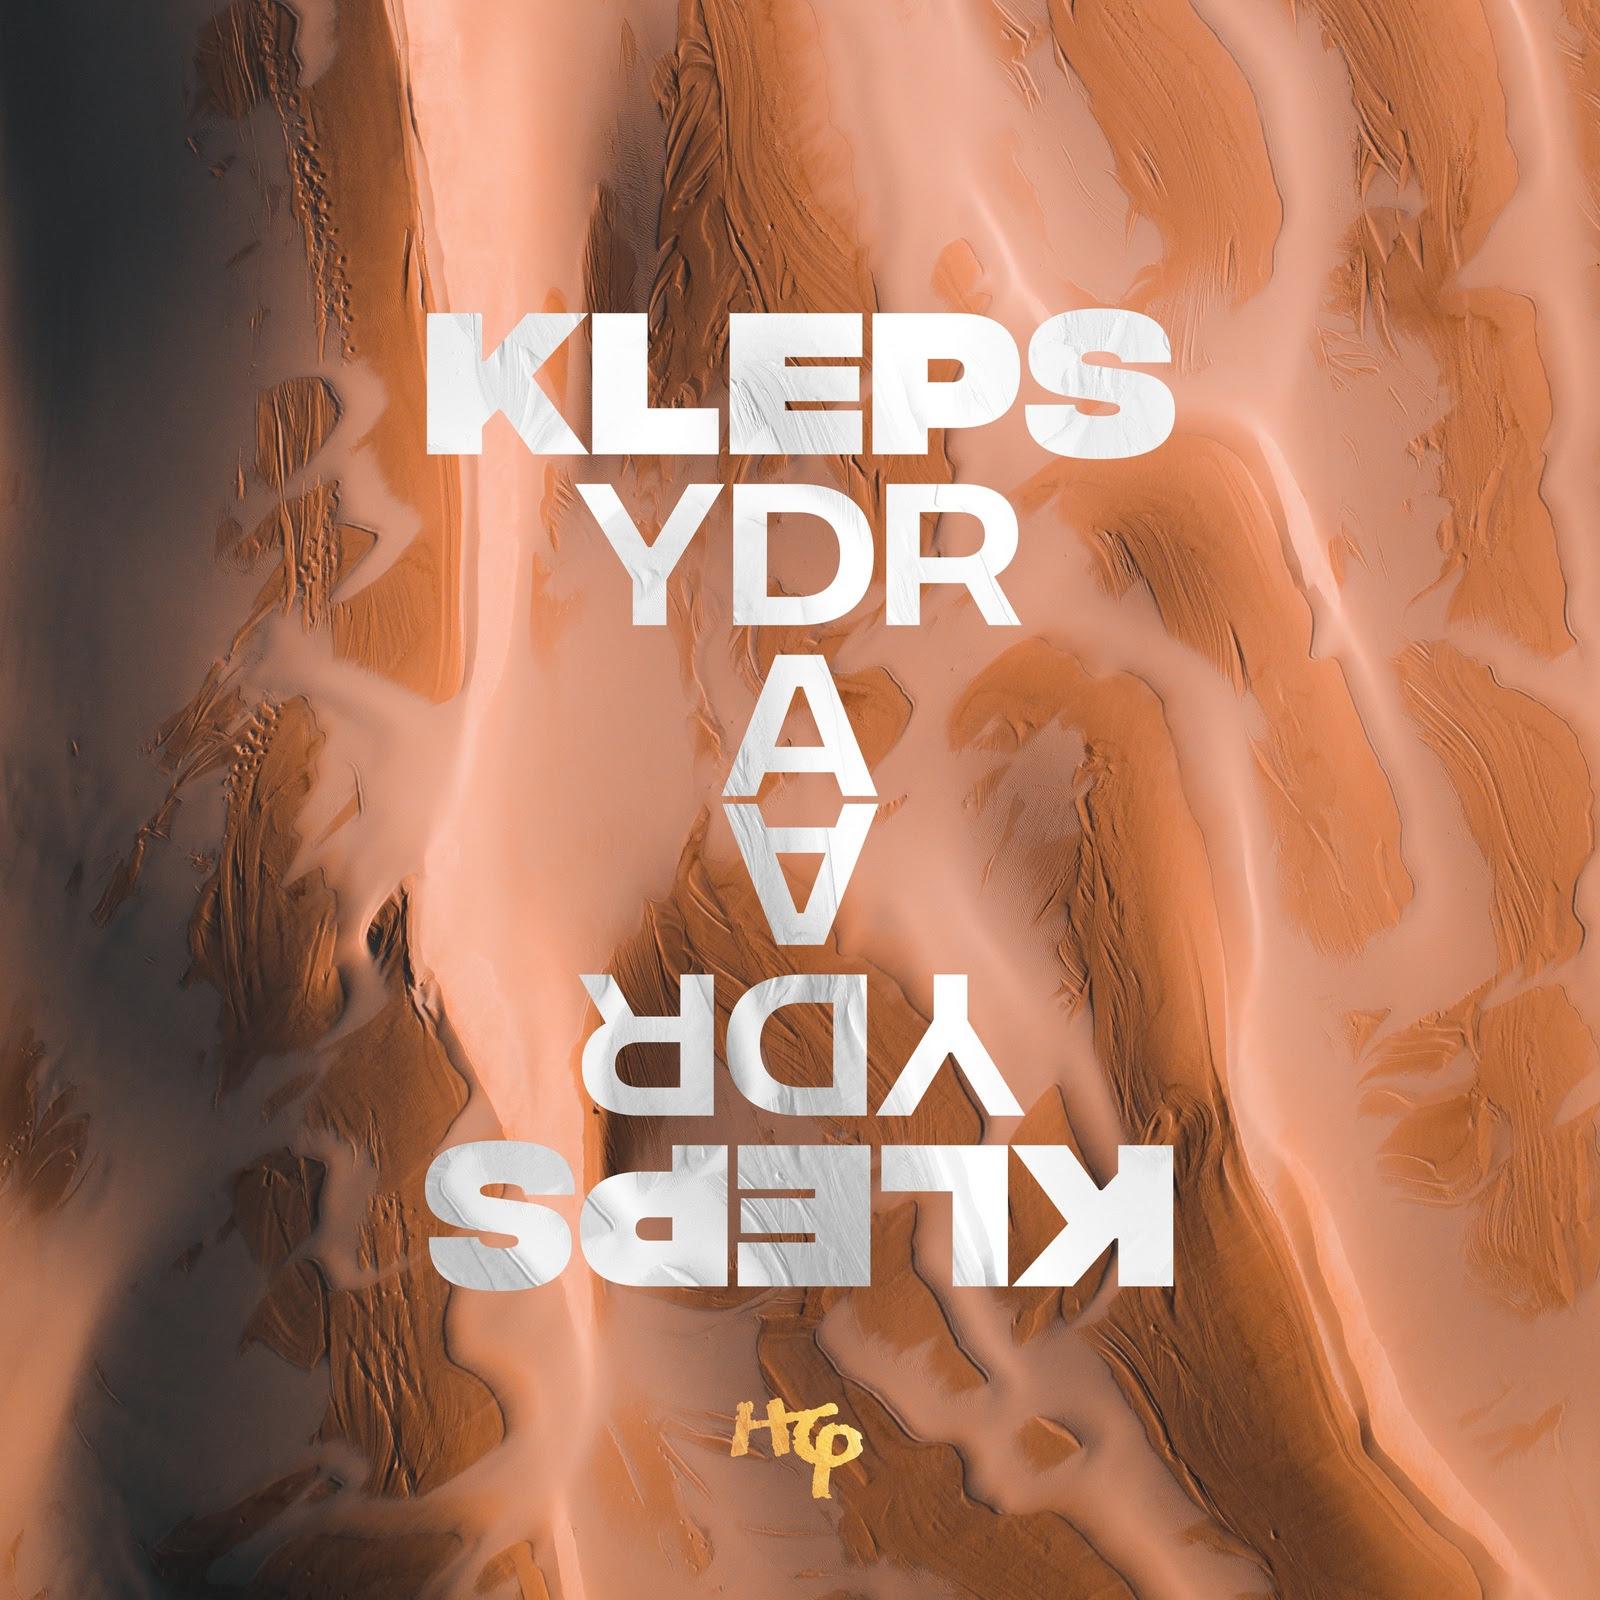 Hemp Gru - Klepsydra (prod. Szwed SWD)